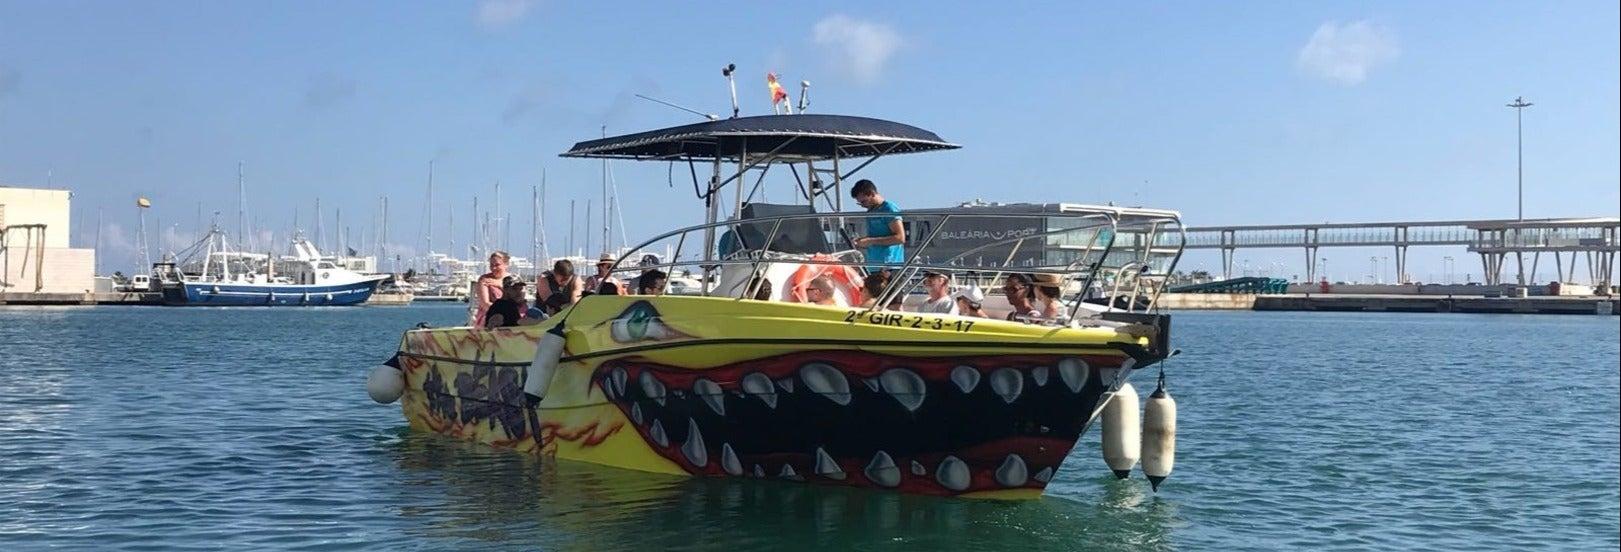 Passeio de catamarã pela costa de Denia